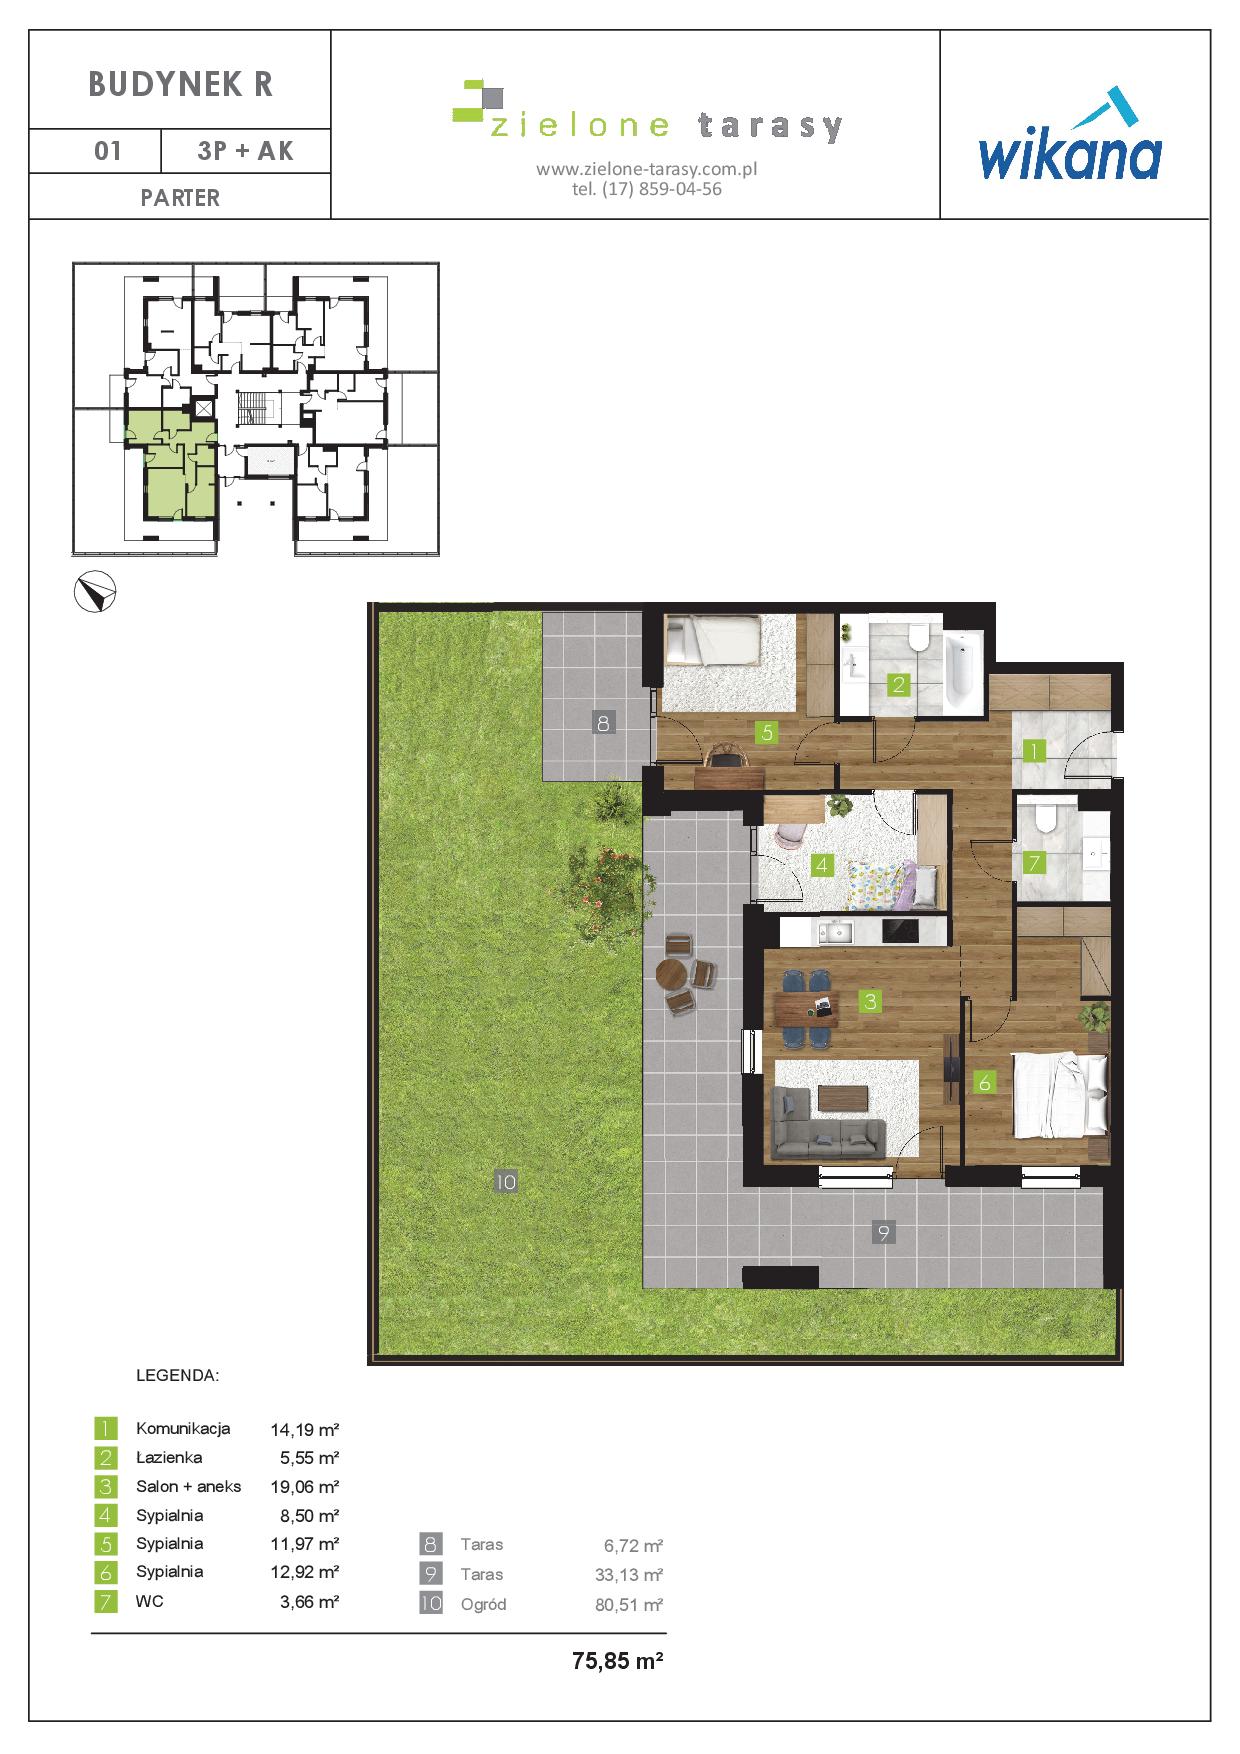 sprzedaż mieszkań rzeszów - R-01